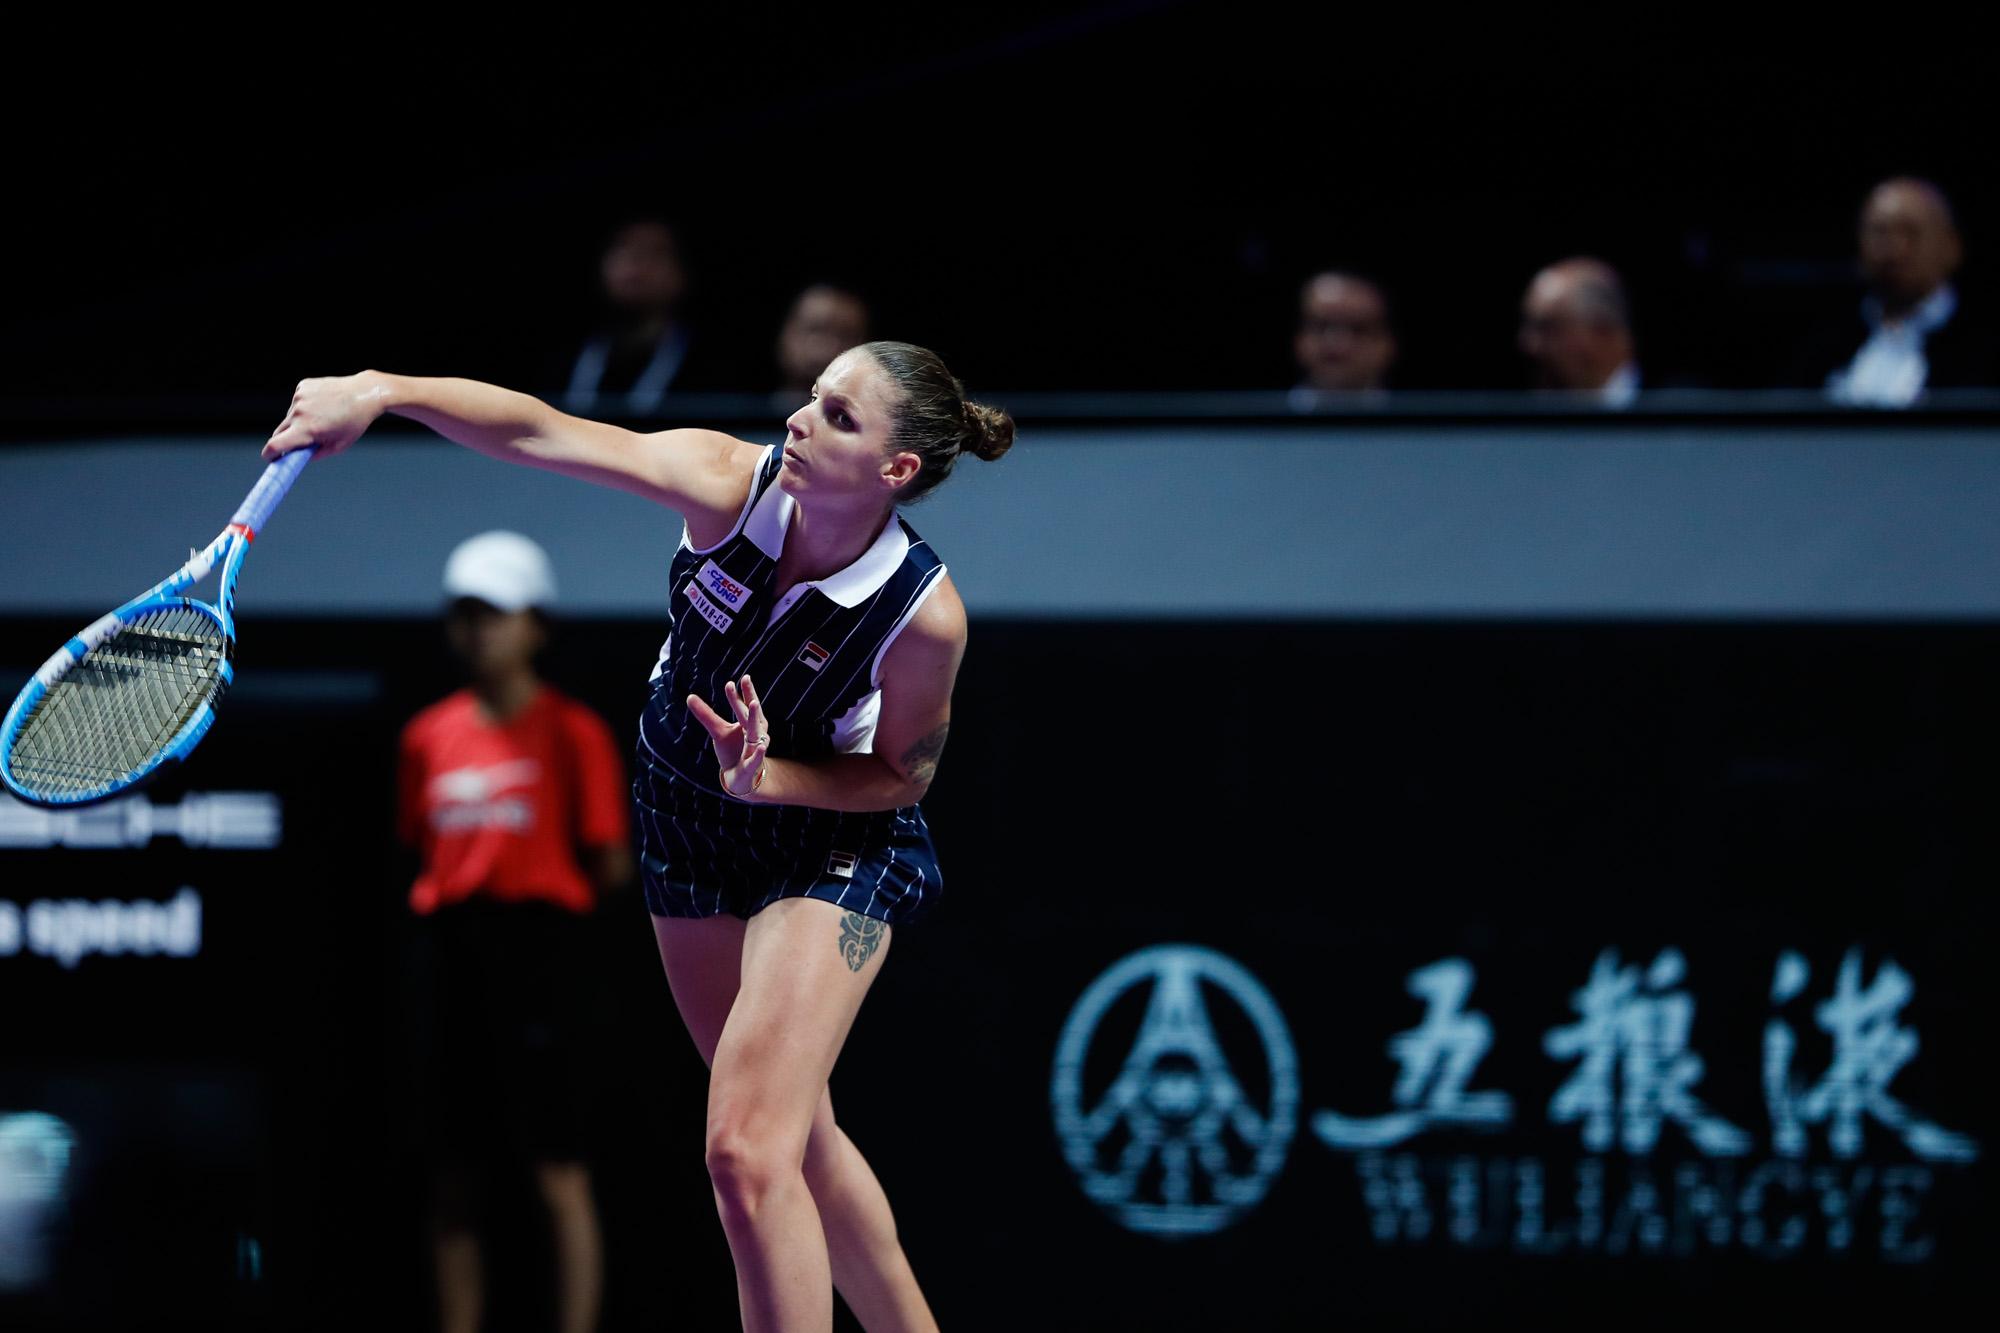 深圳总决赛第四日:卫冕冠军两战全胜出线 00后新星伤退出局